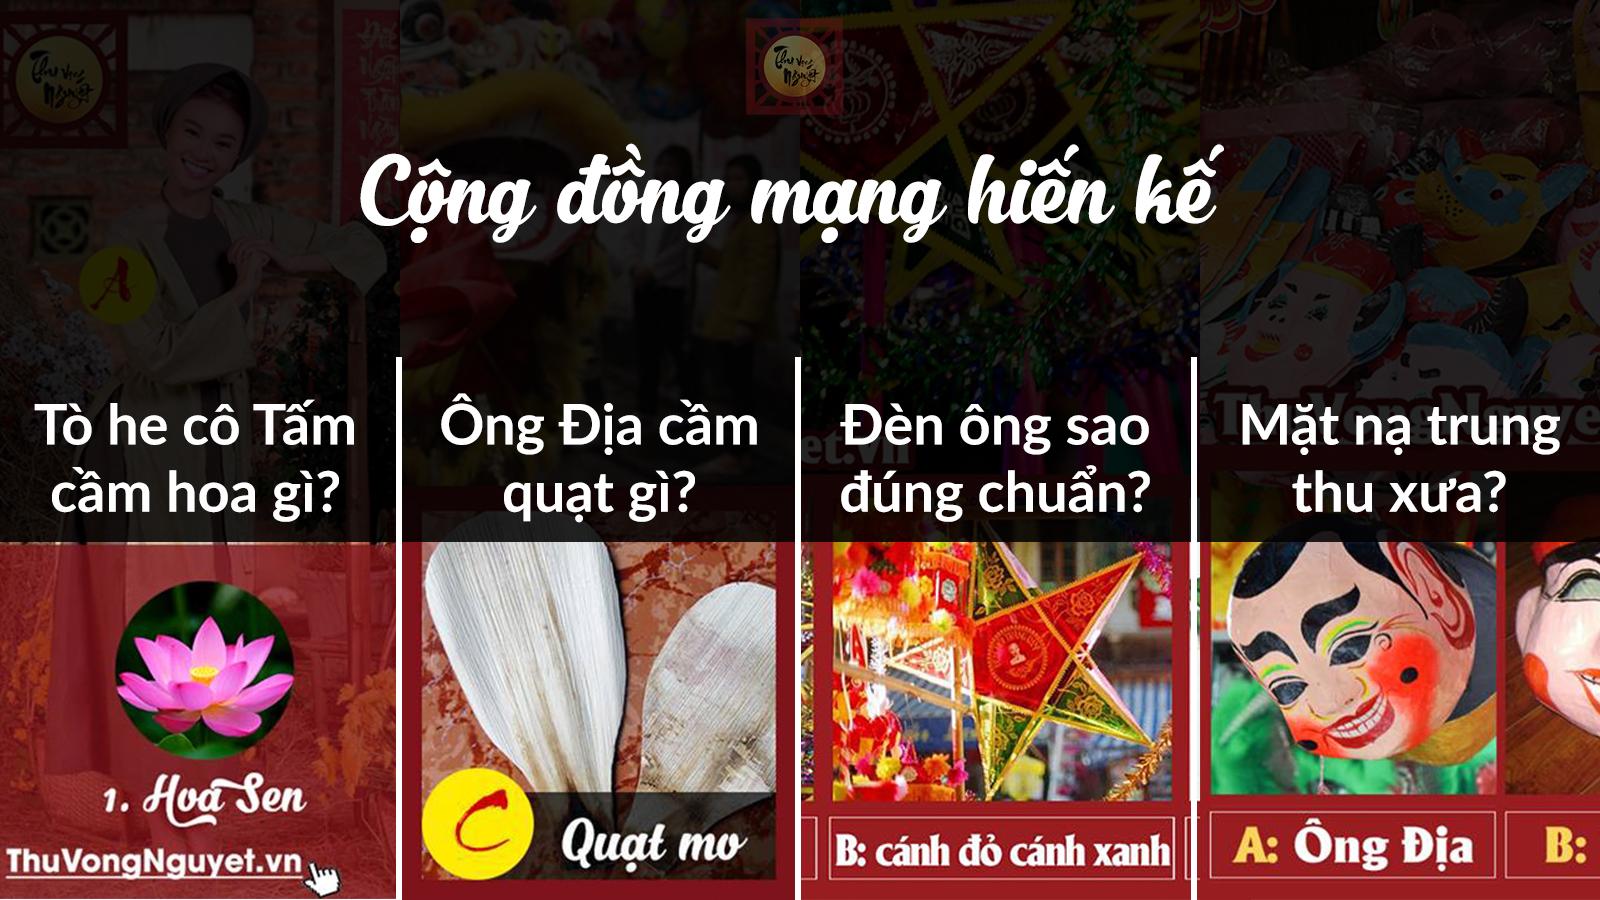 """Cộng đồng mạng liên tục chung tay """"hiến kế"""" cho sự kiện Thu Vọng Nguyệt"""